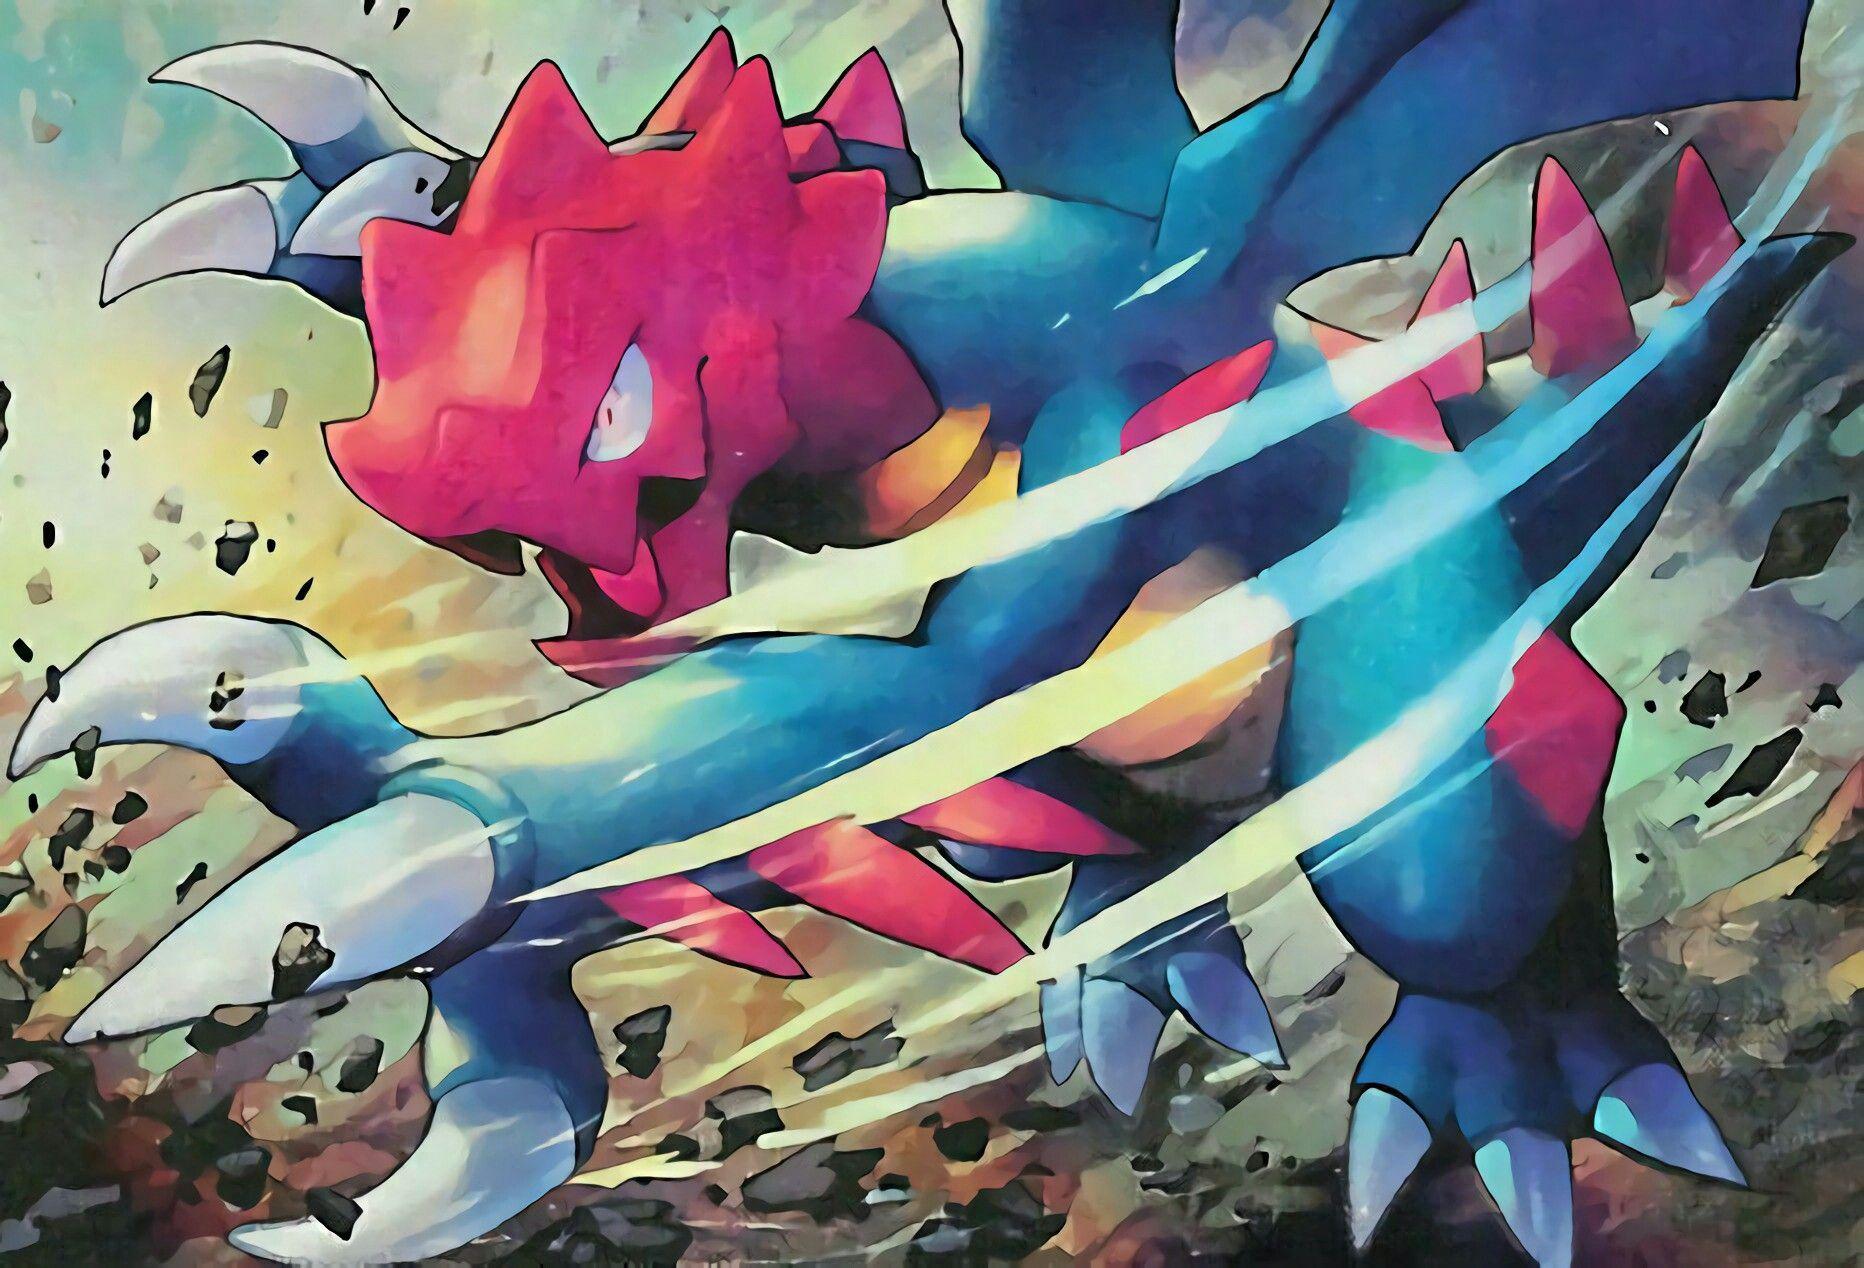 Druddigon Pokmon Pokemon Pokemon pictures Cool pokemon 1864x1268